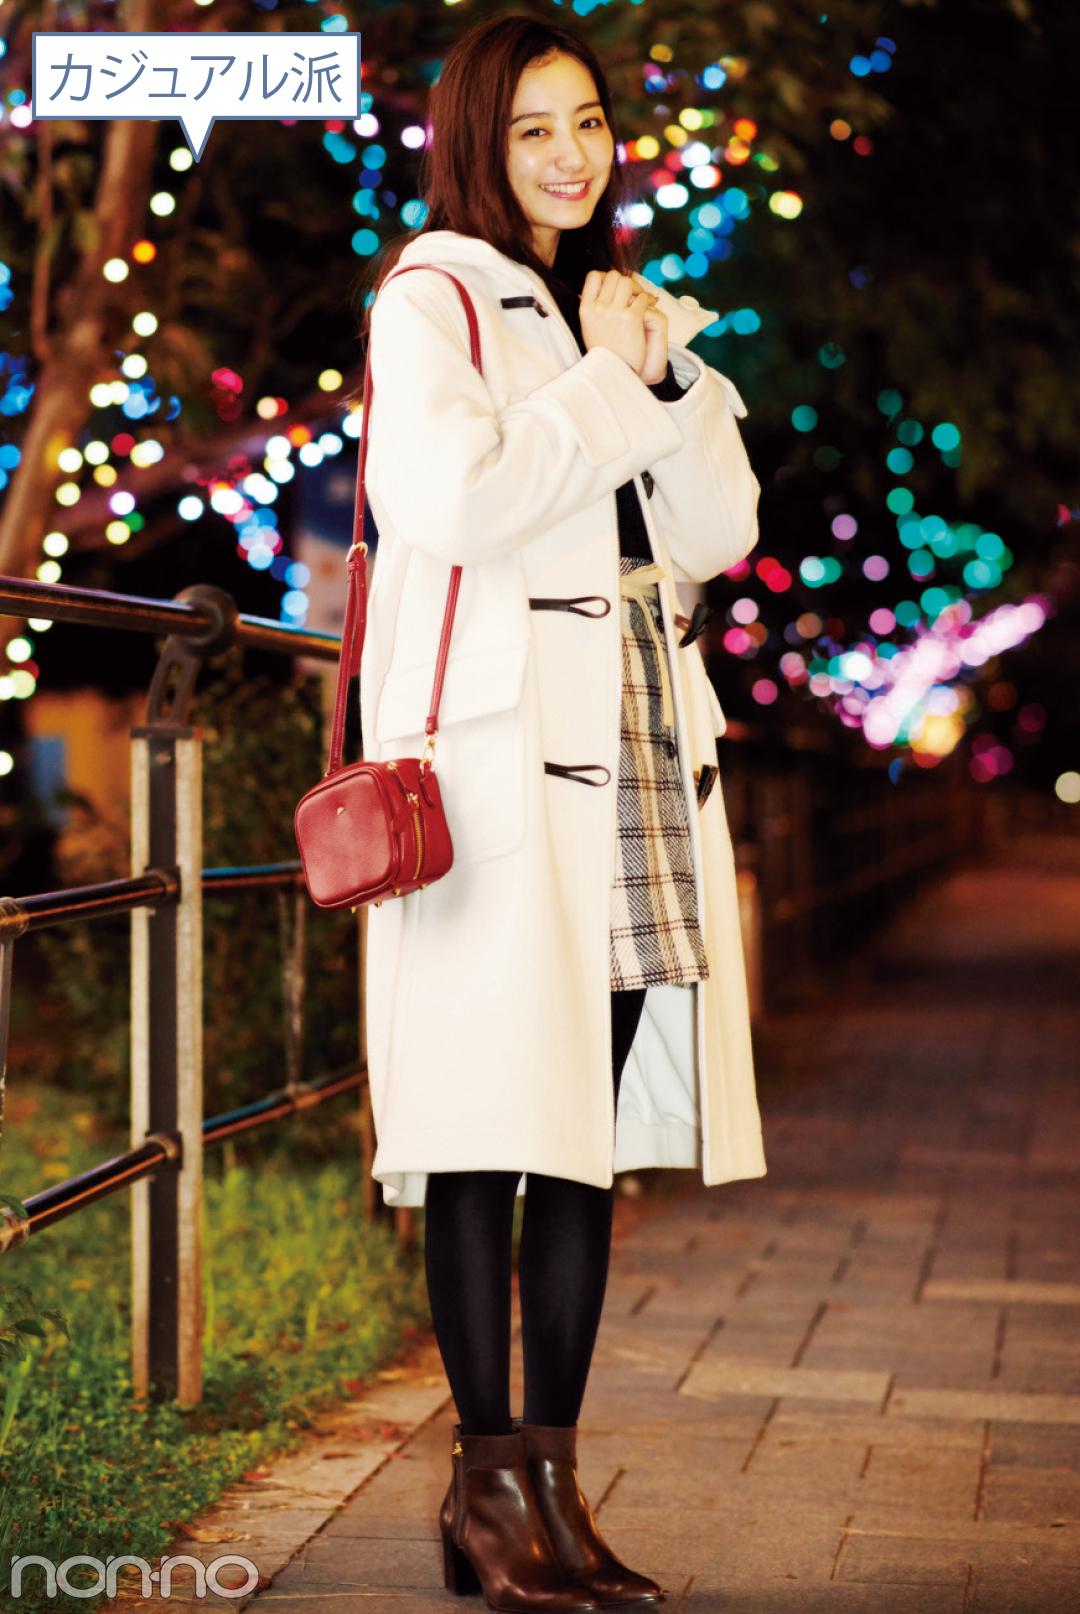 冬の夜景デートに映えるコーデ、ポイントは色だった!【寒くなくて盛れるデートコーデ】_1_2-1